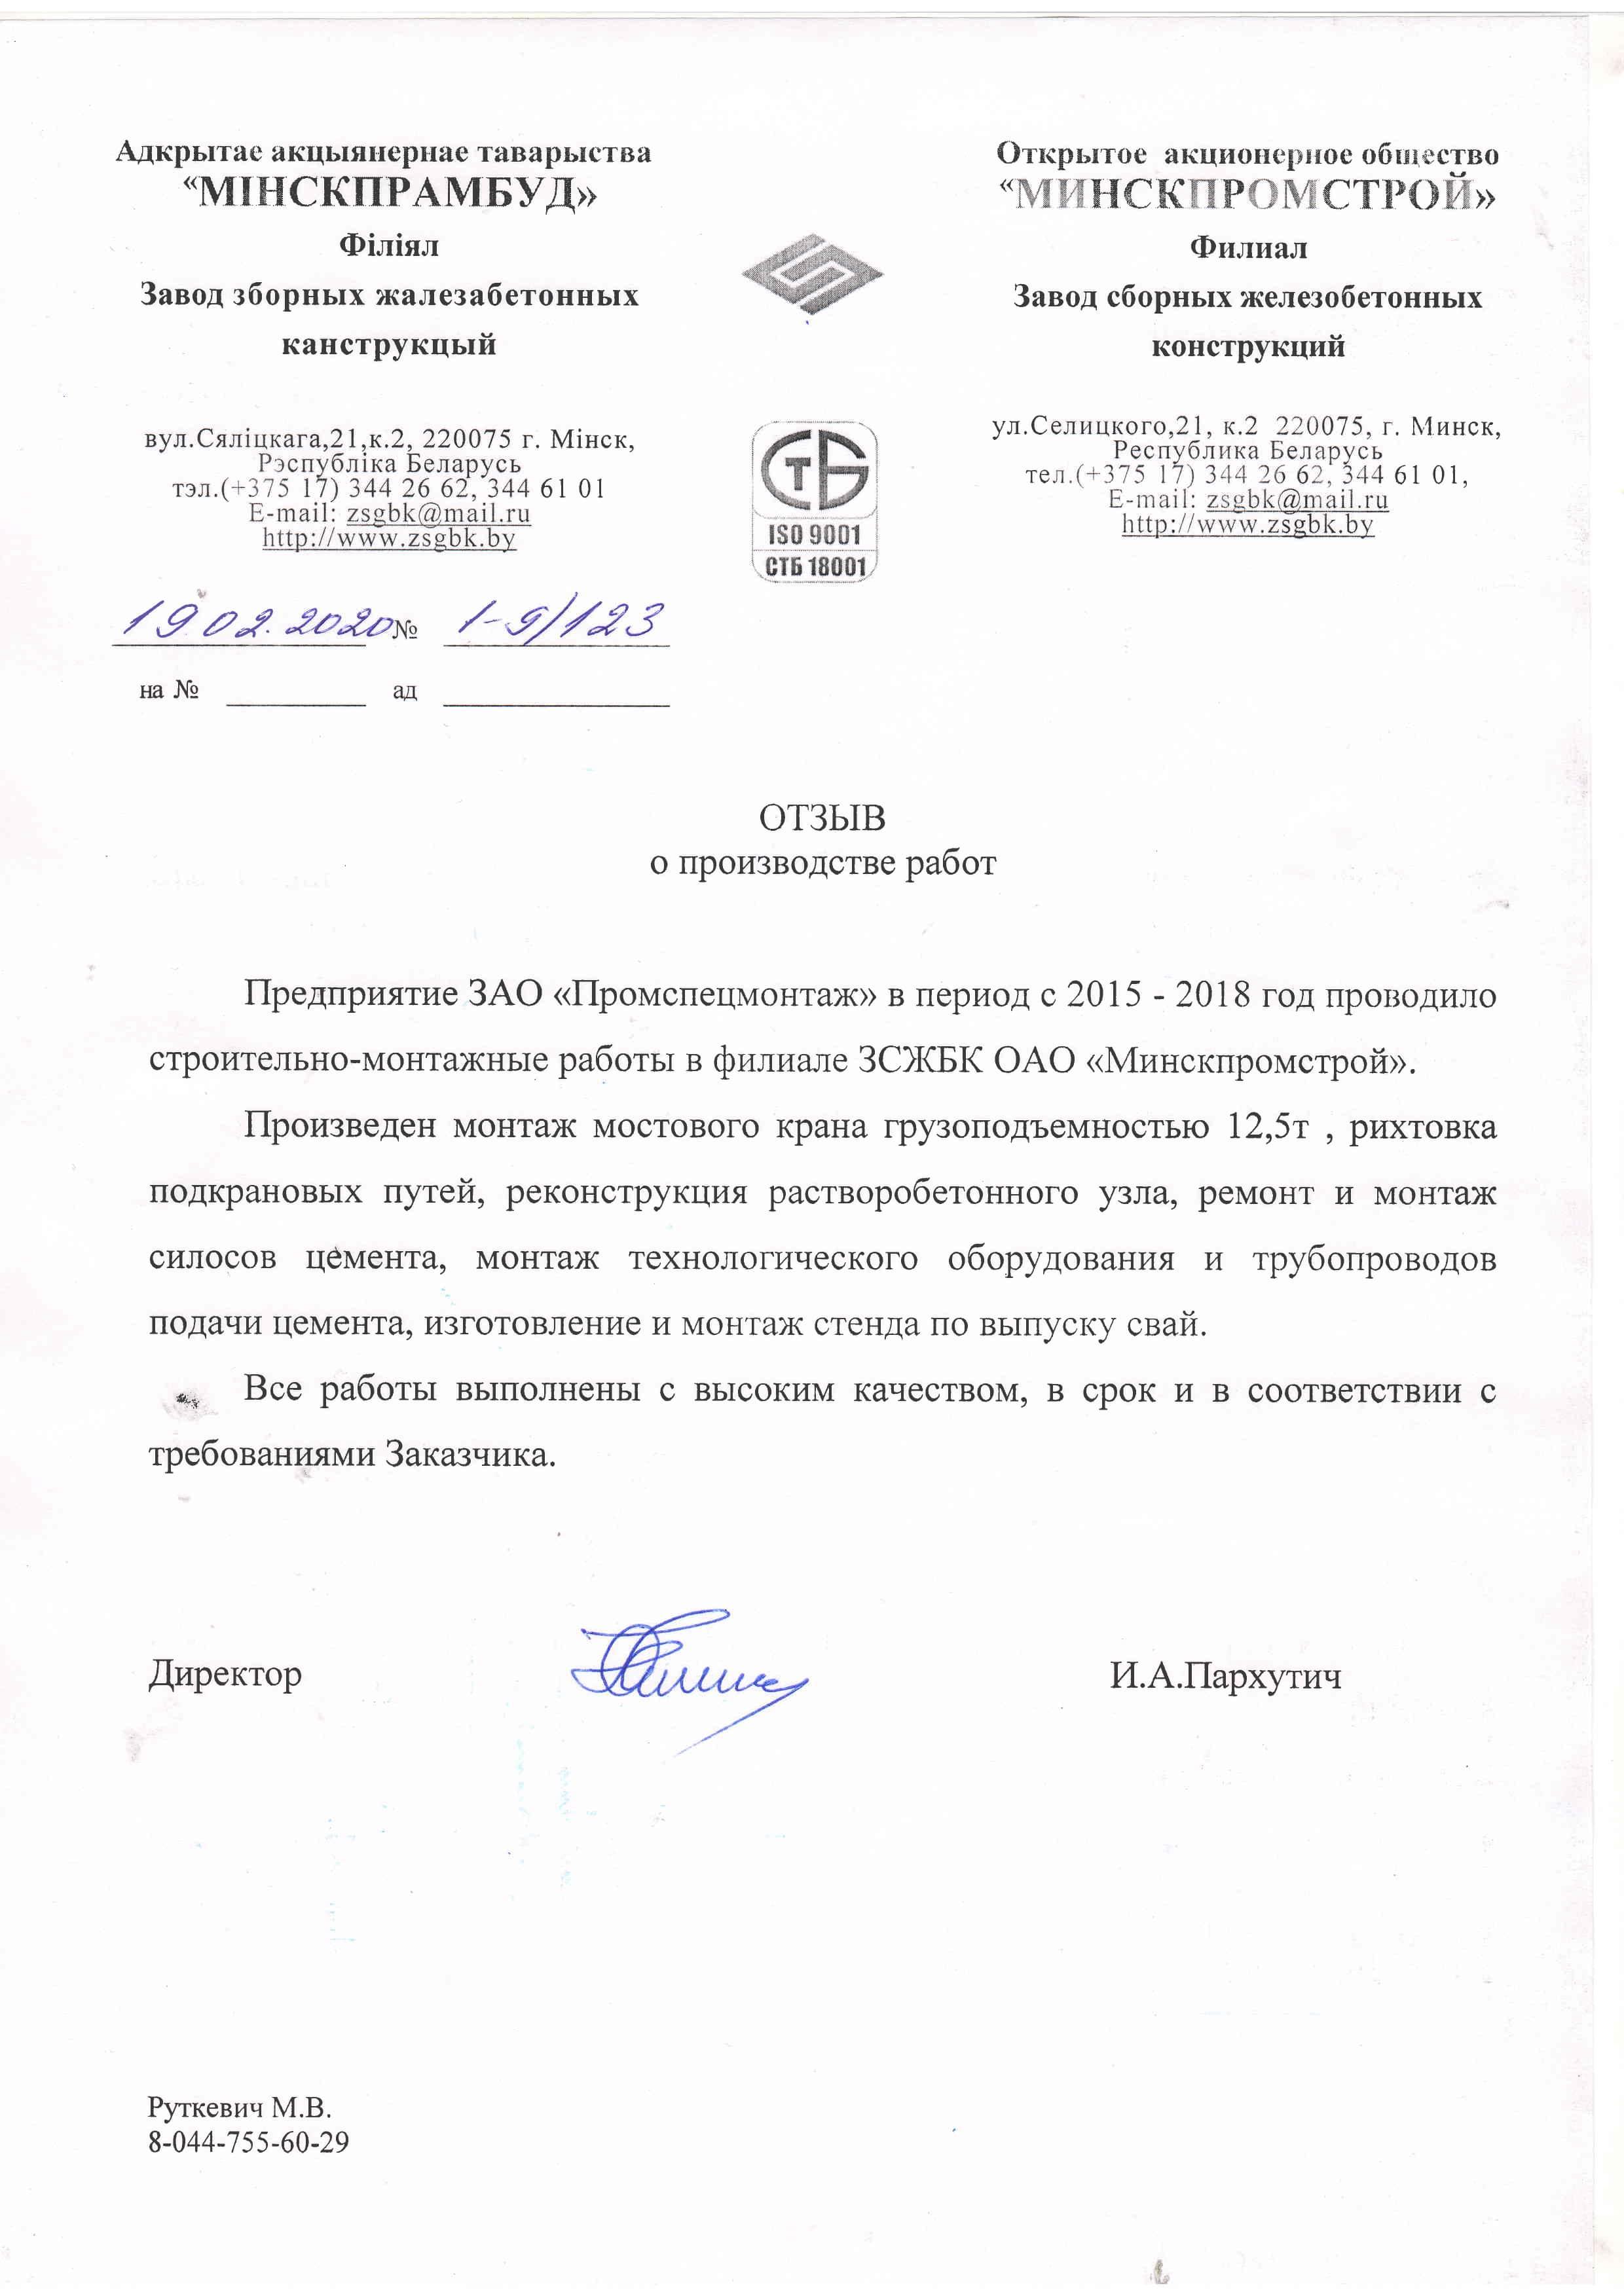 ЗСЖБК Минскпромстрой